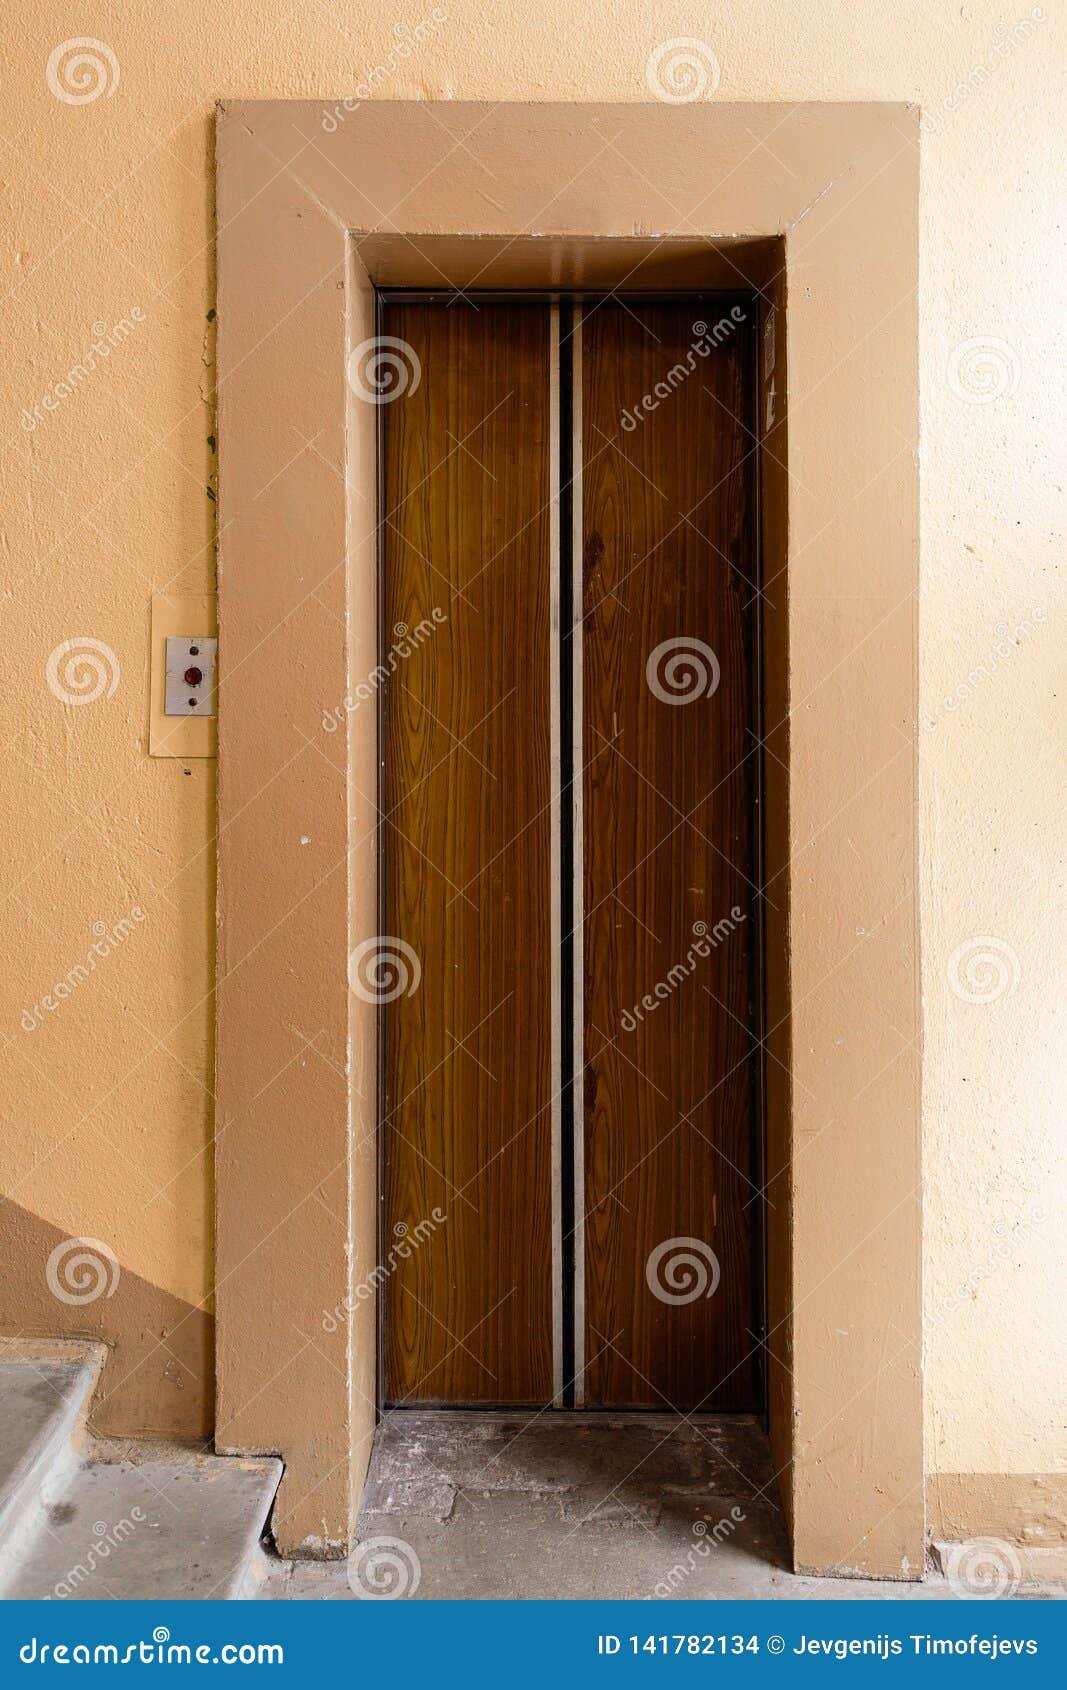 Oude lift met grungy patroon in een sovjetgebouw in post-sovjetriga, Letland